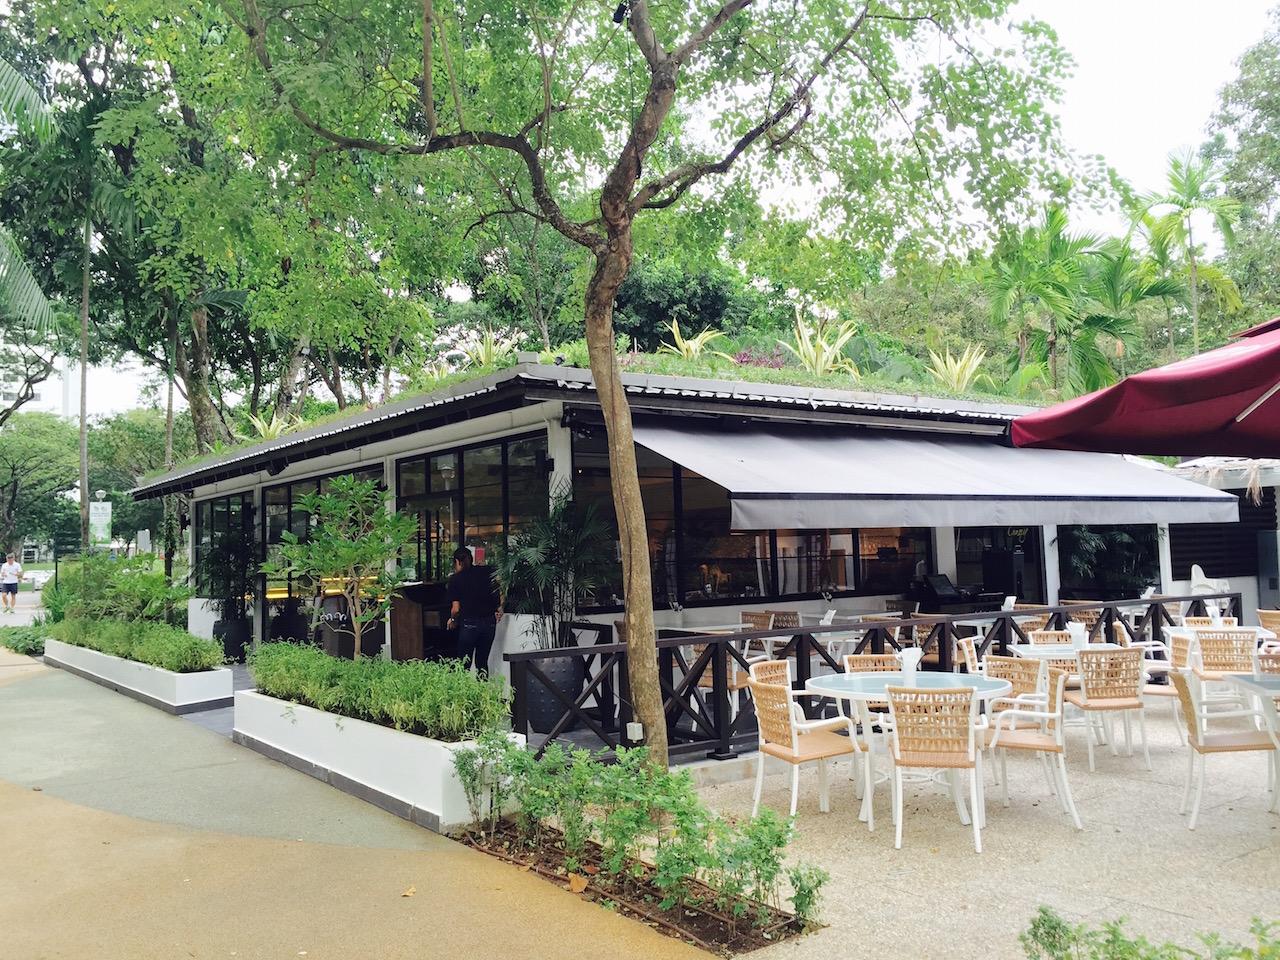 Canopy Garden Dining & Canopy Garden Dining   1382 Ang Mo Kio Ave 1   Singapore